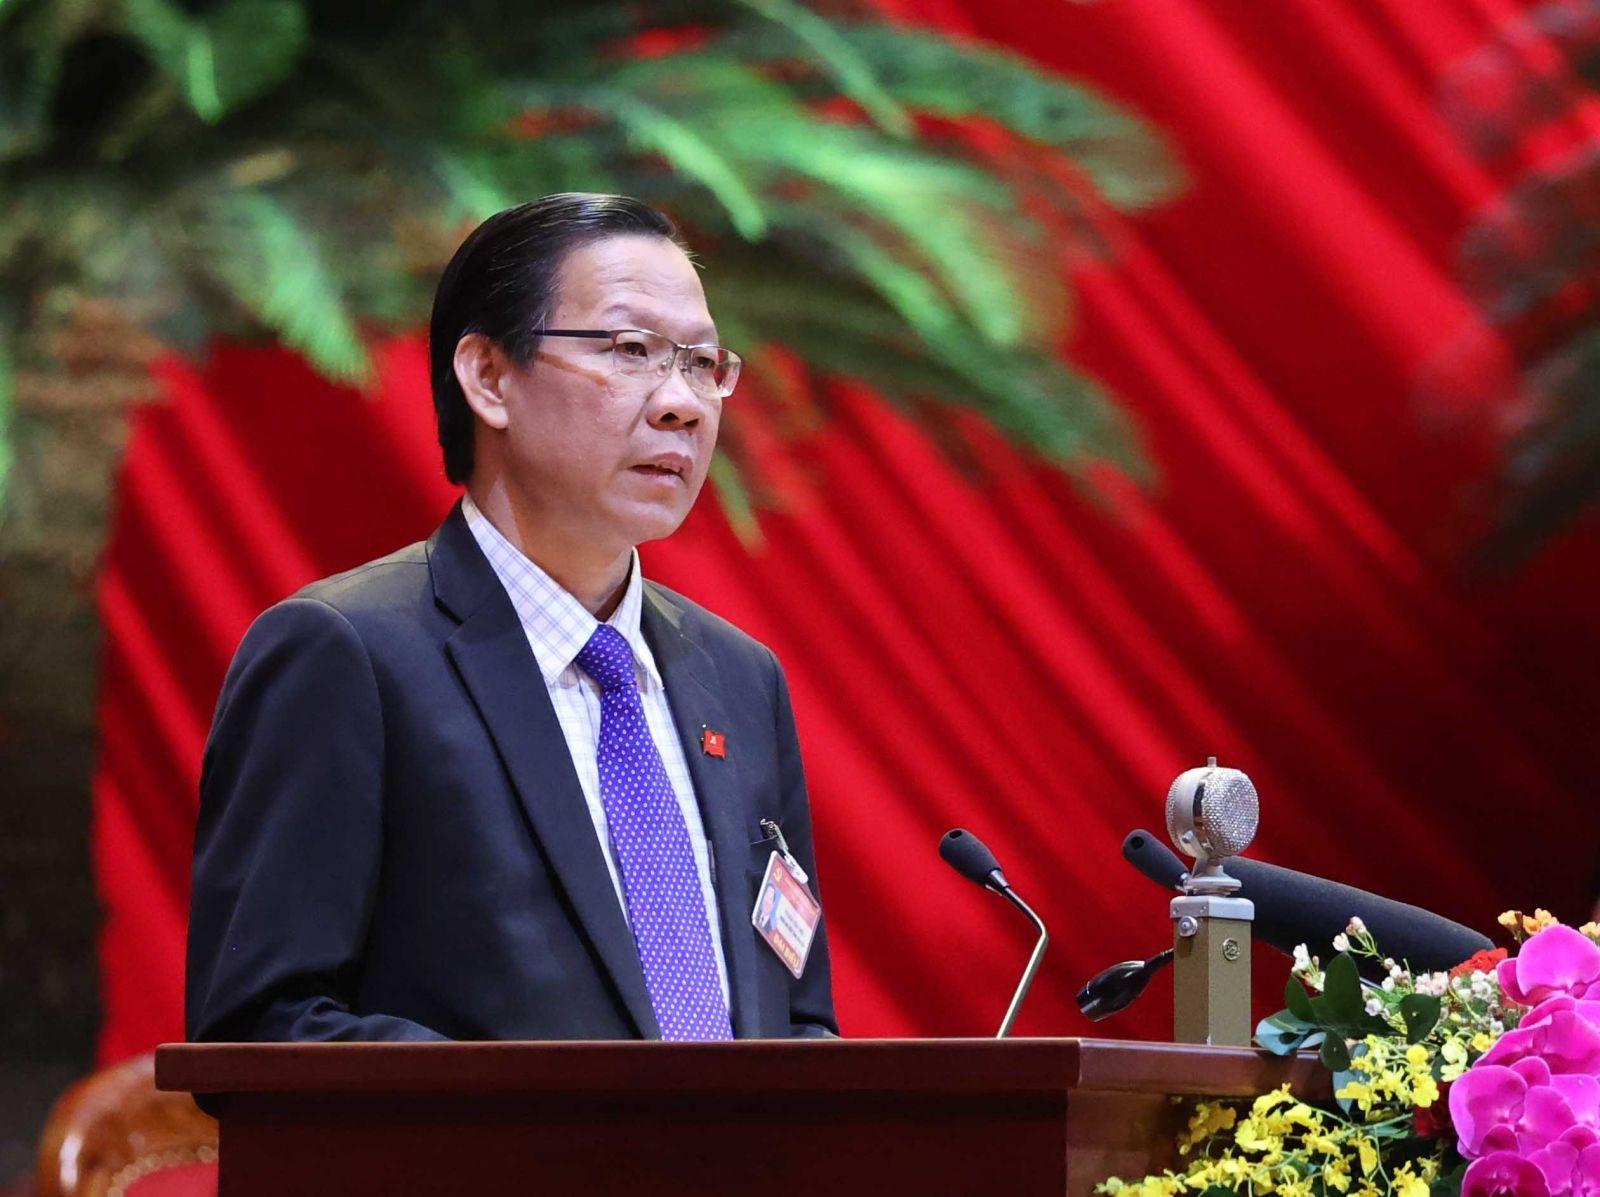 Bí thư Tỉnh ủy Phan Văn Mãi trình bày tham luận tại đại hội. Ảnh: TTXVN